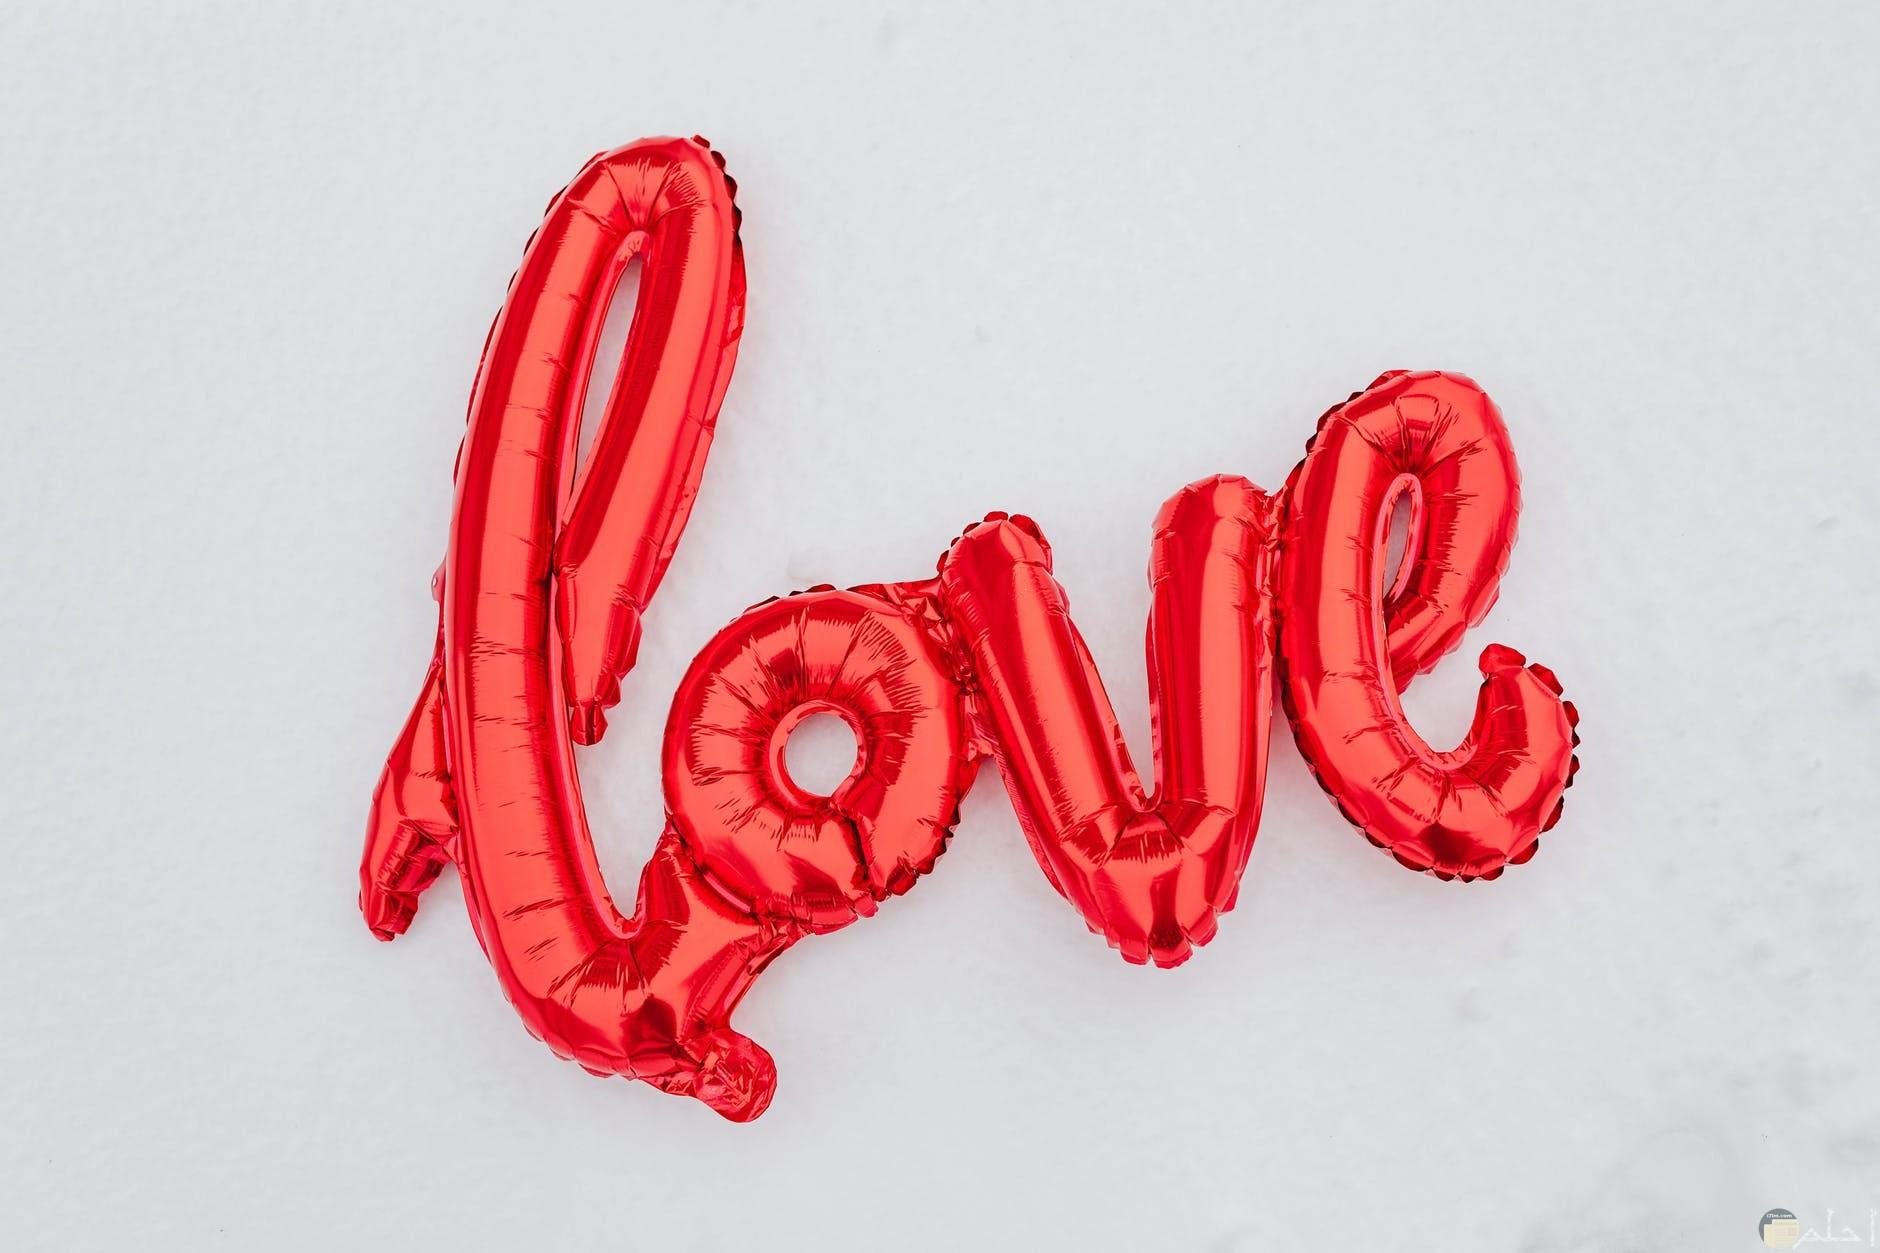 كلمة حب بالنجليزية